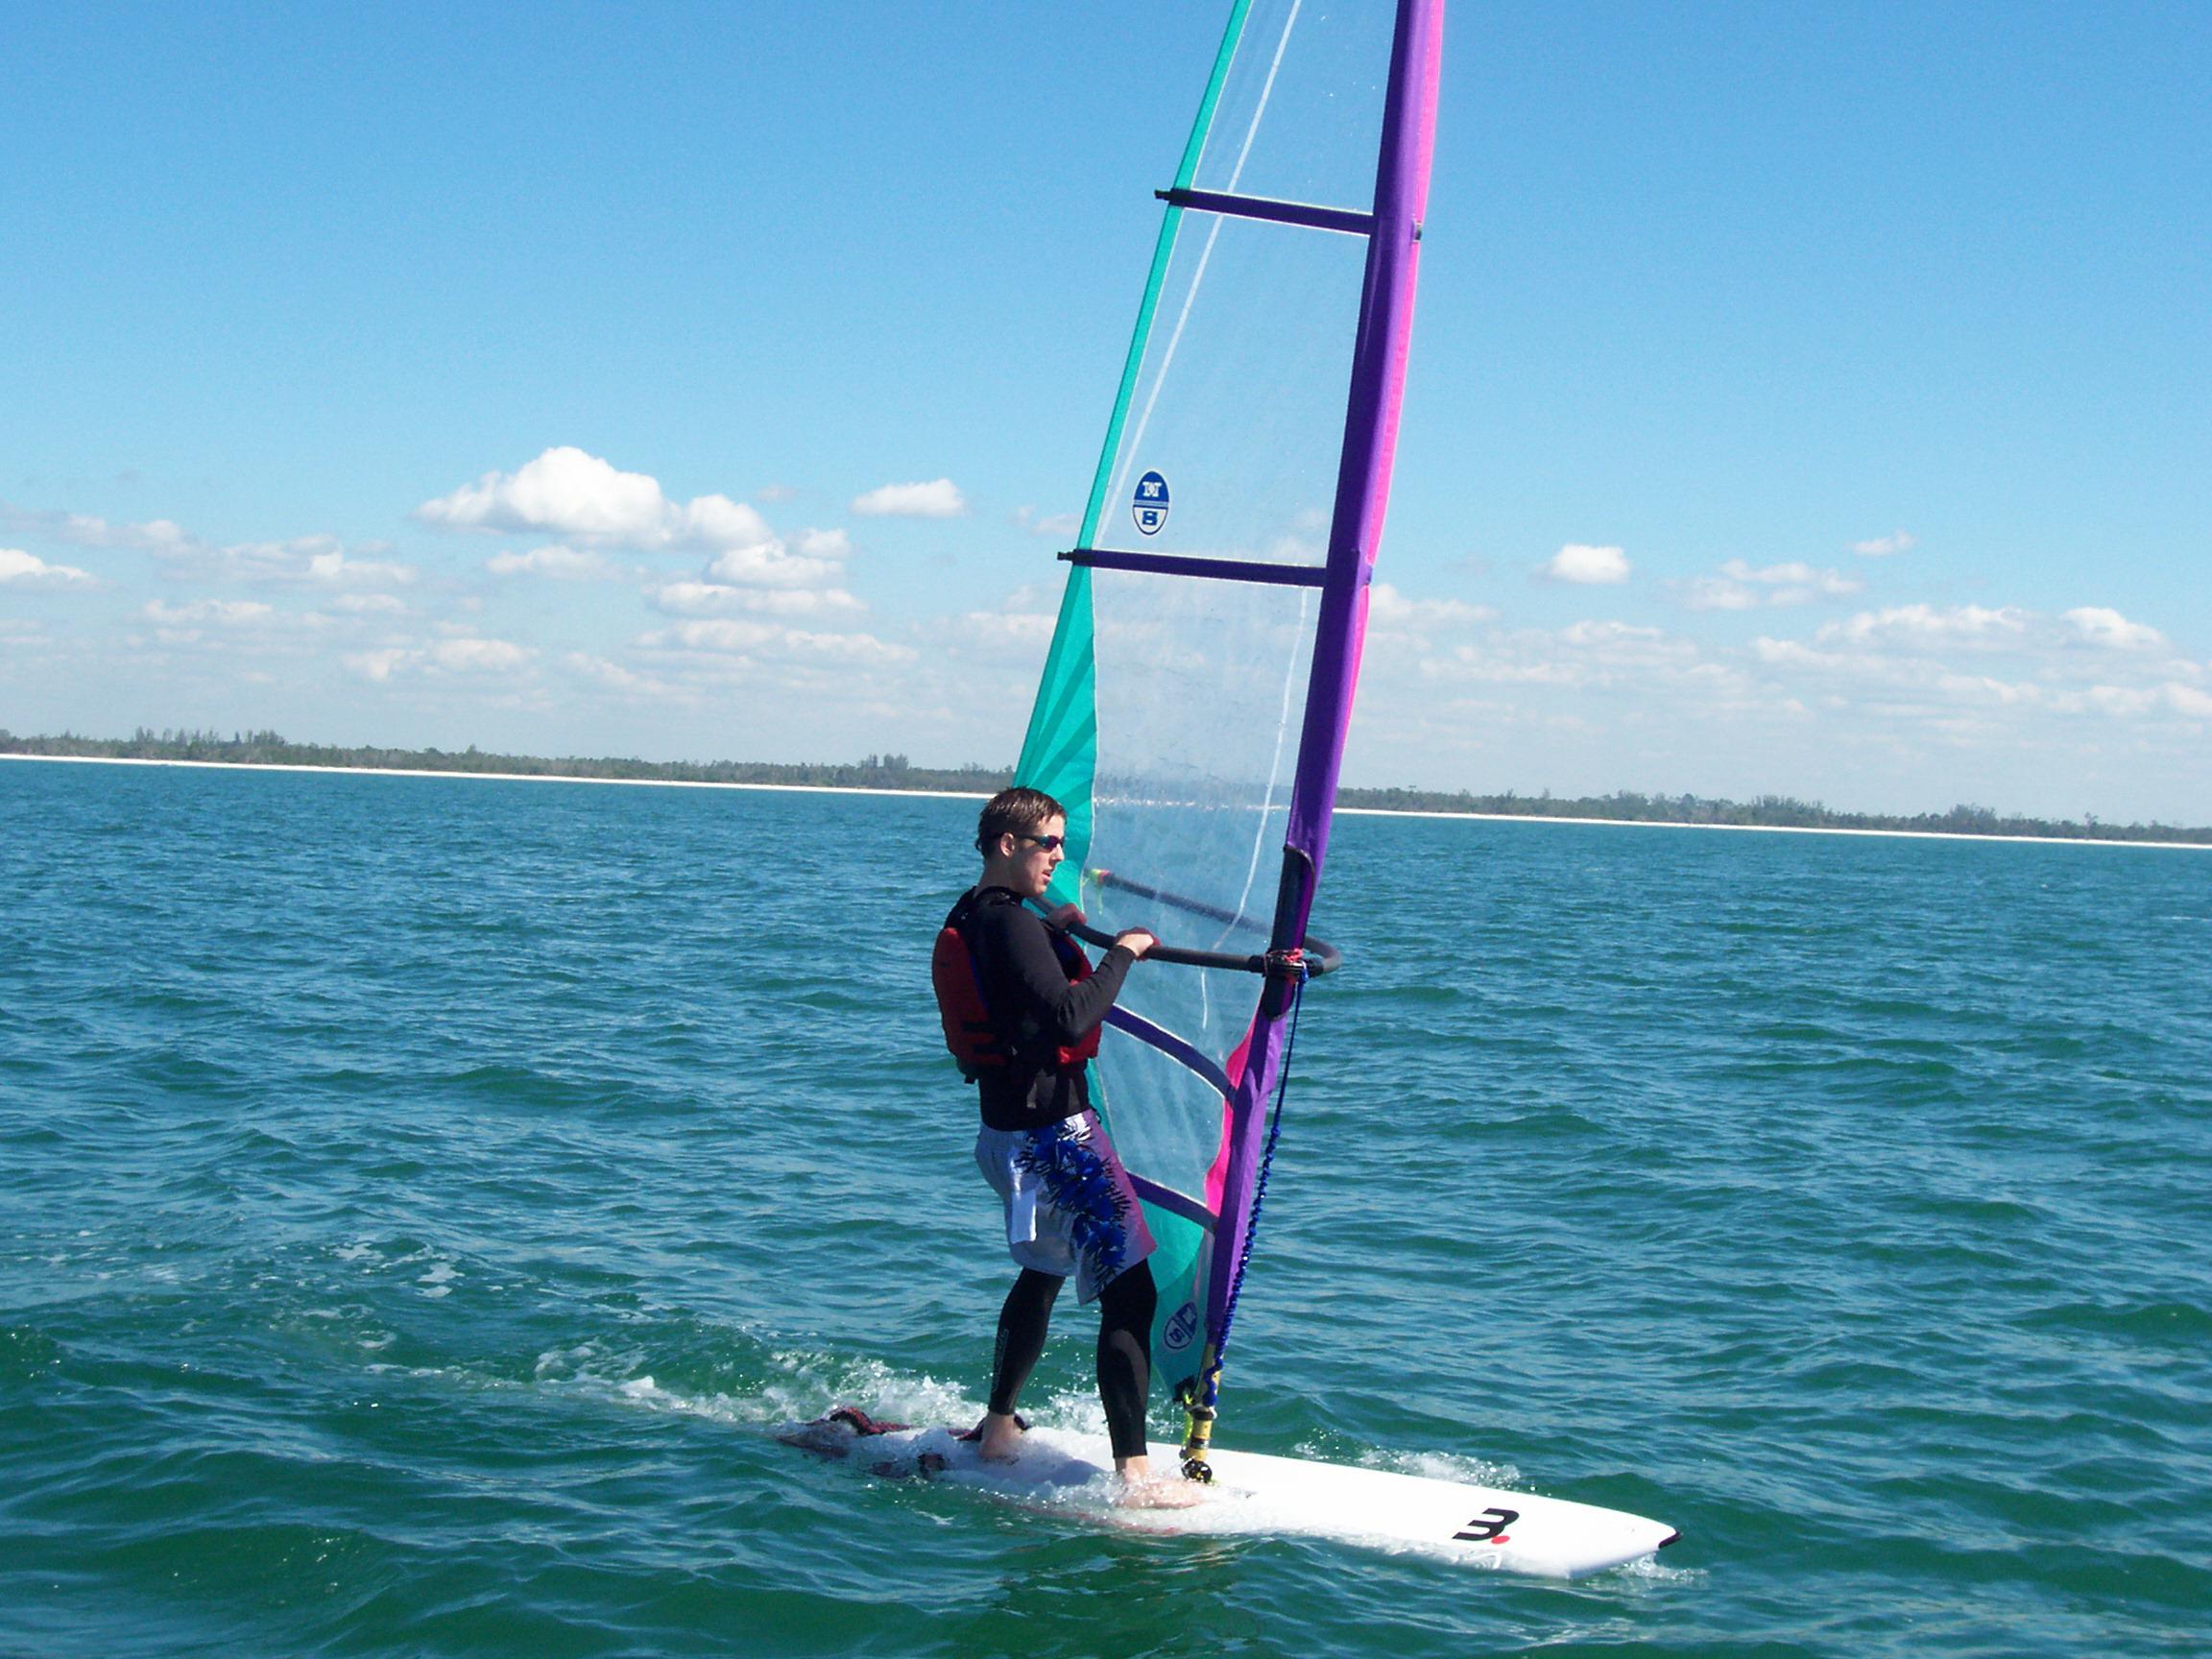 david on windsurfer 2